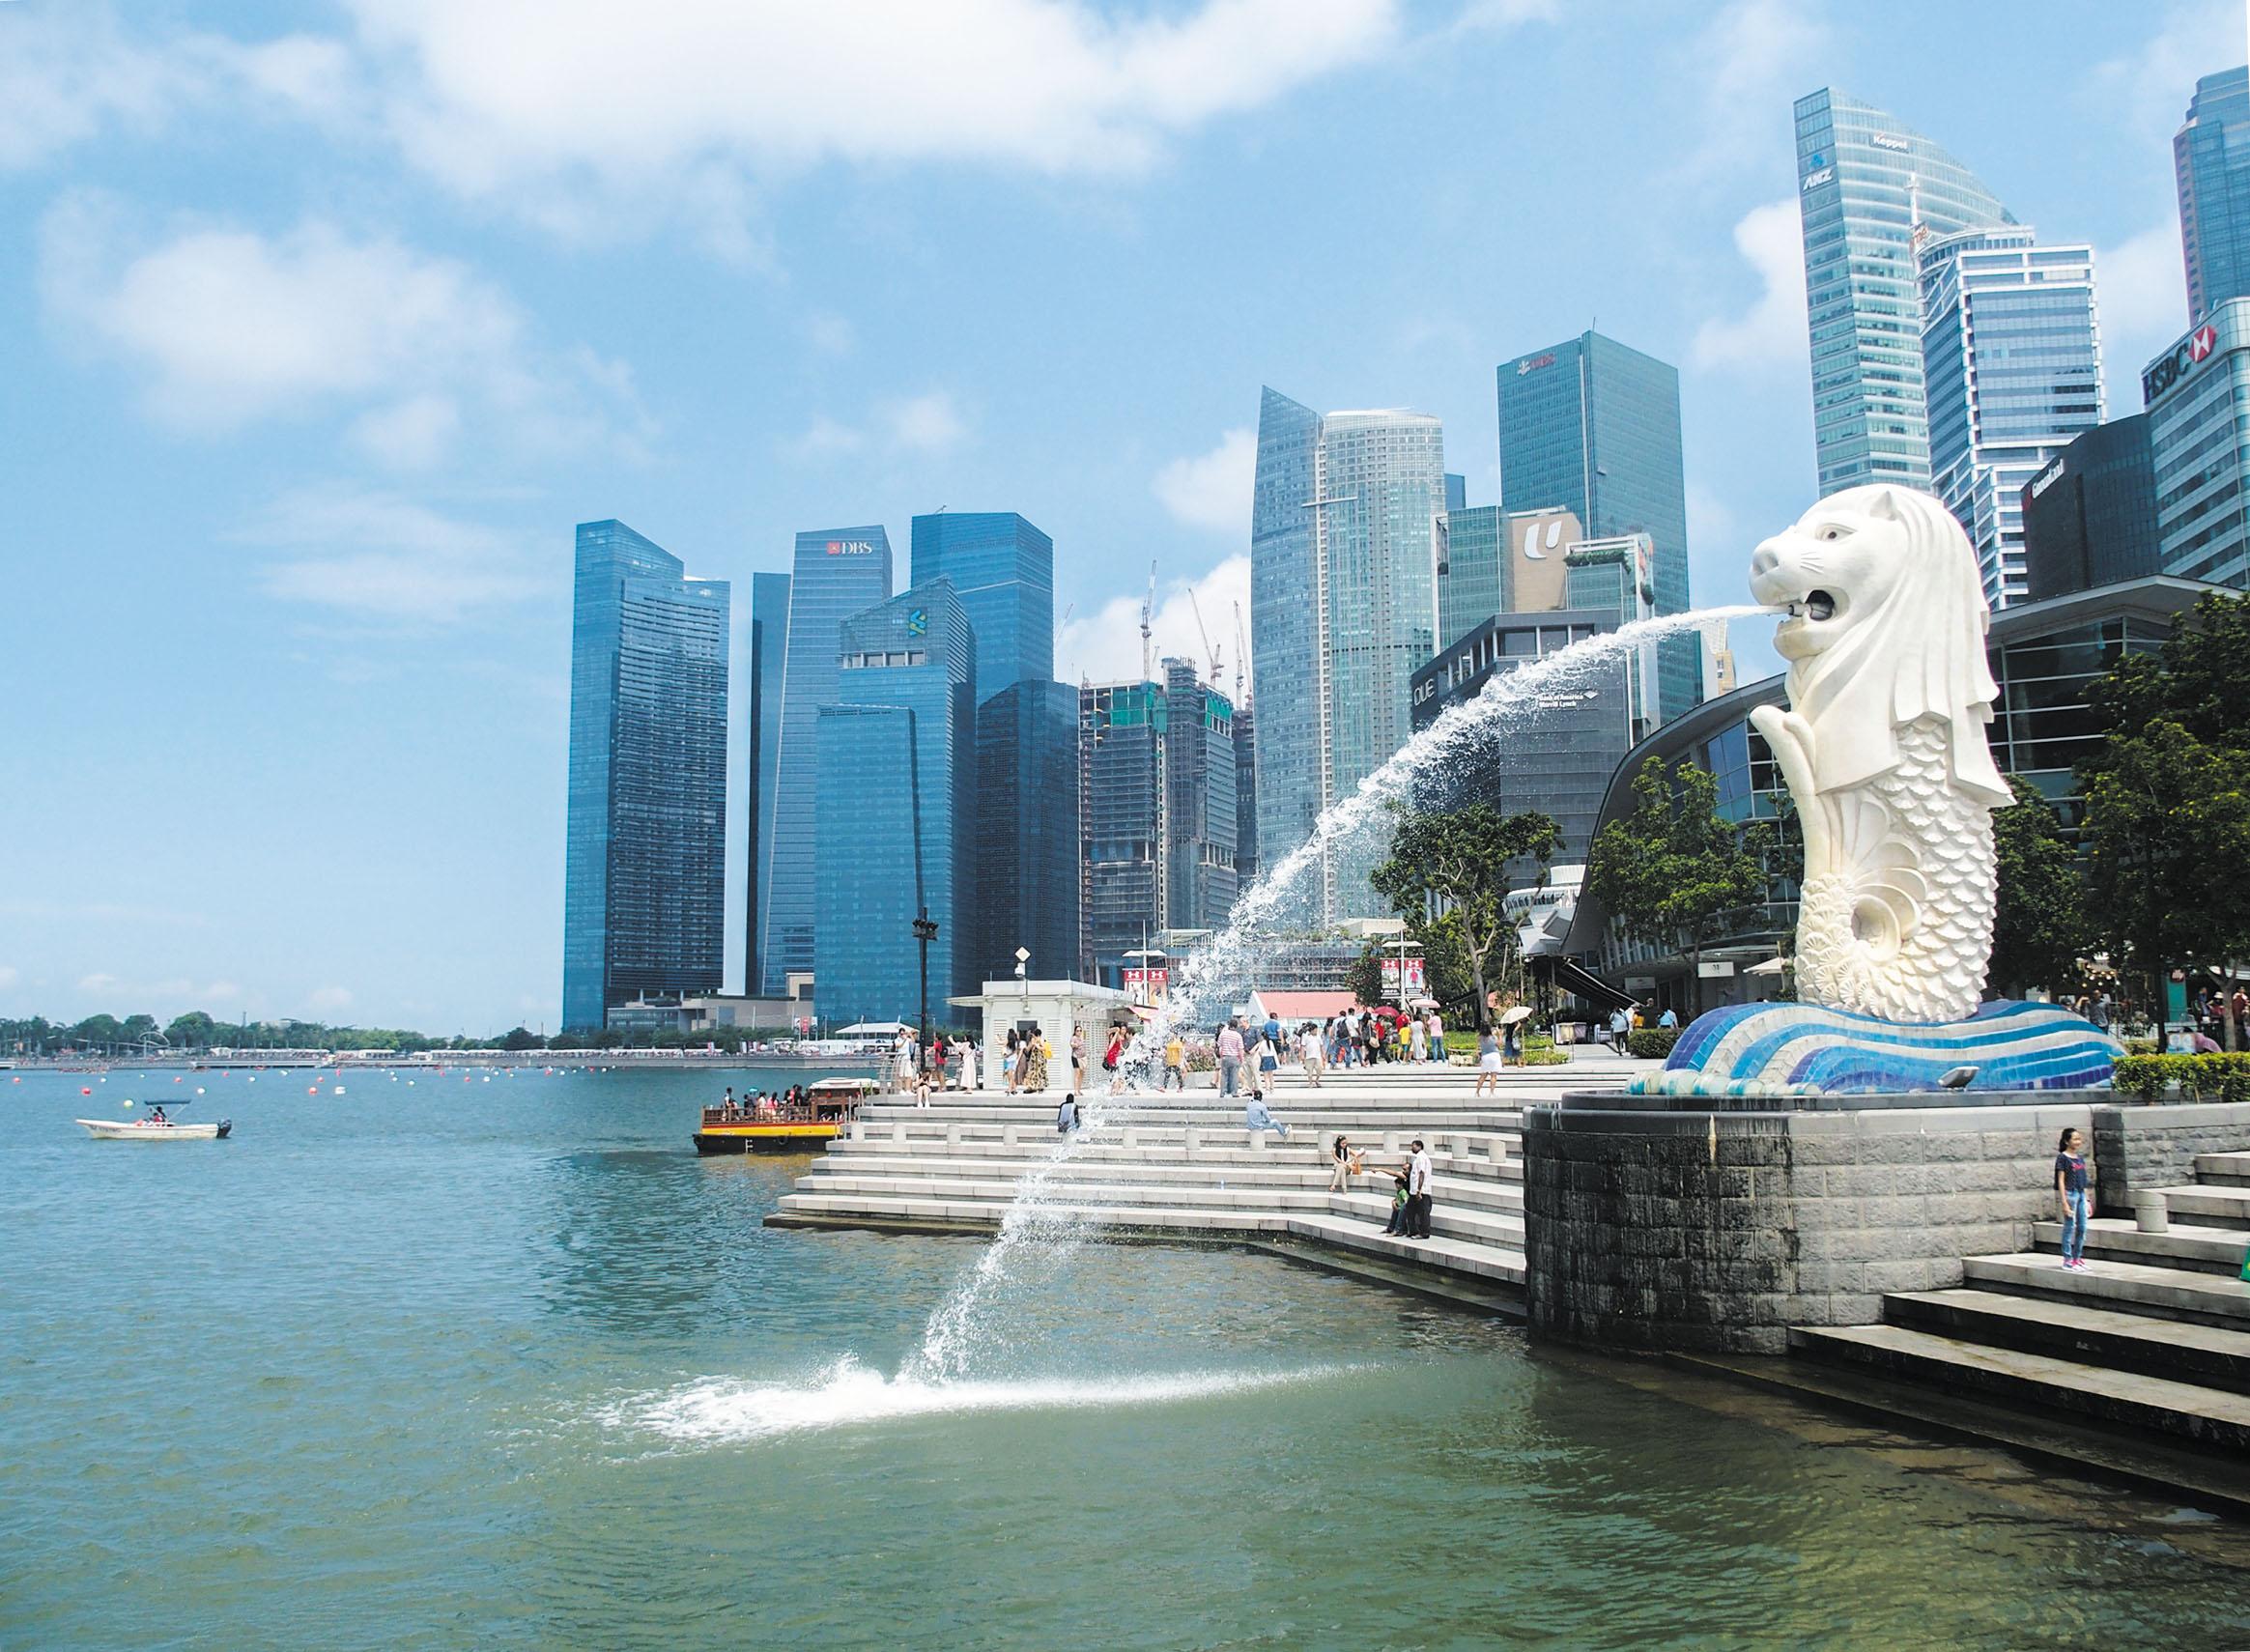 シンガポールのアイコンは言わずもがなのマーライオン。「ライオンの都市」を意味するシンガプーラを象徴する存在だ。